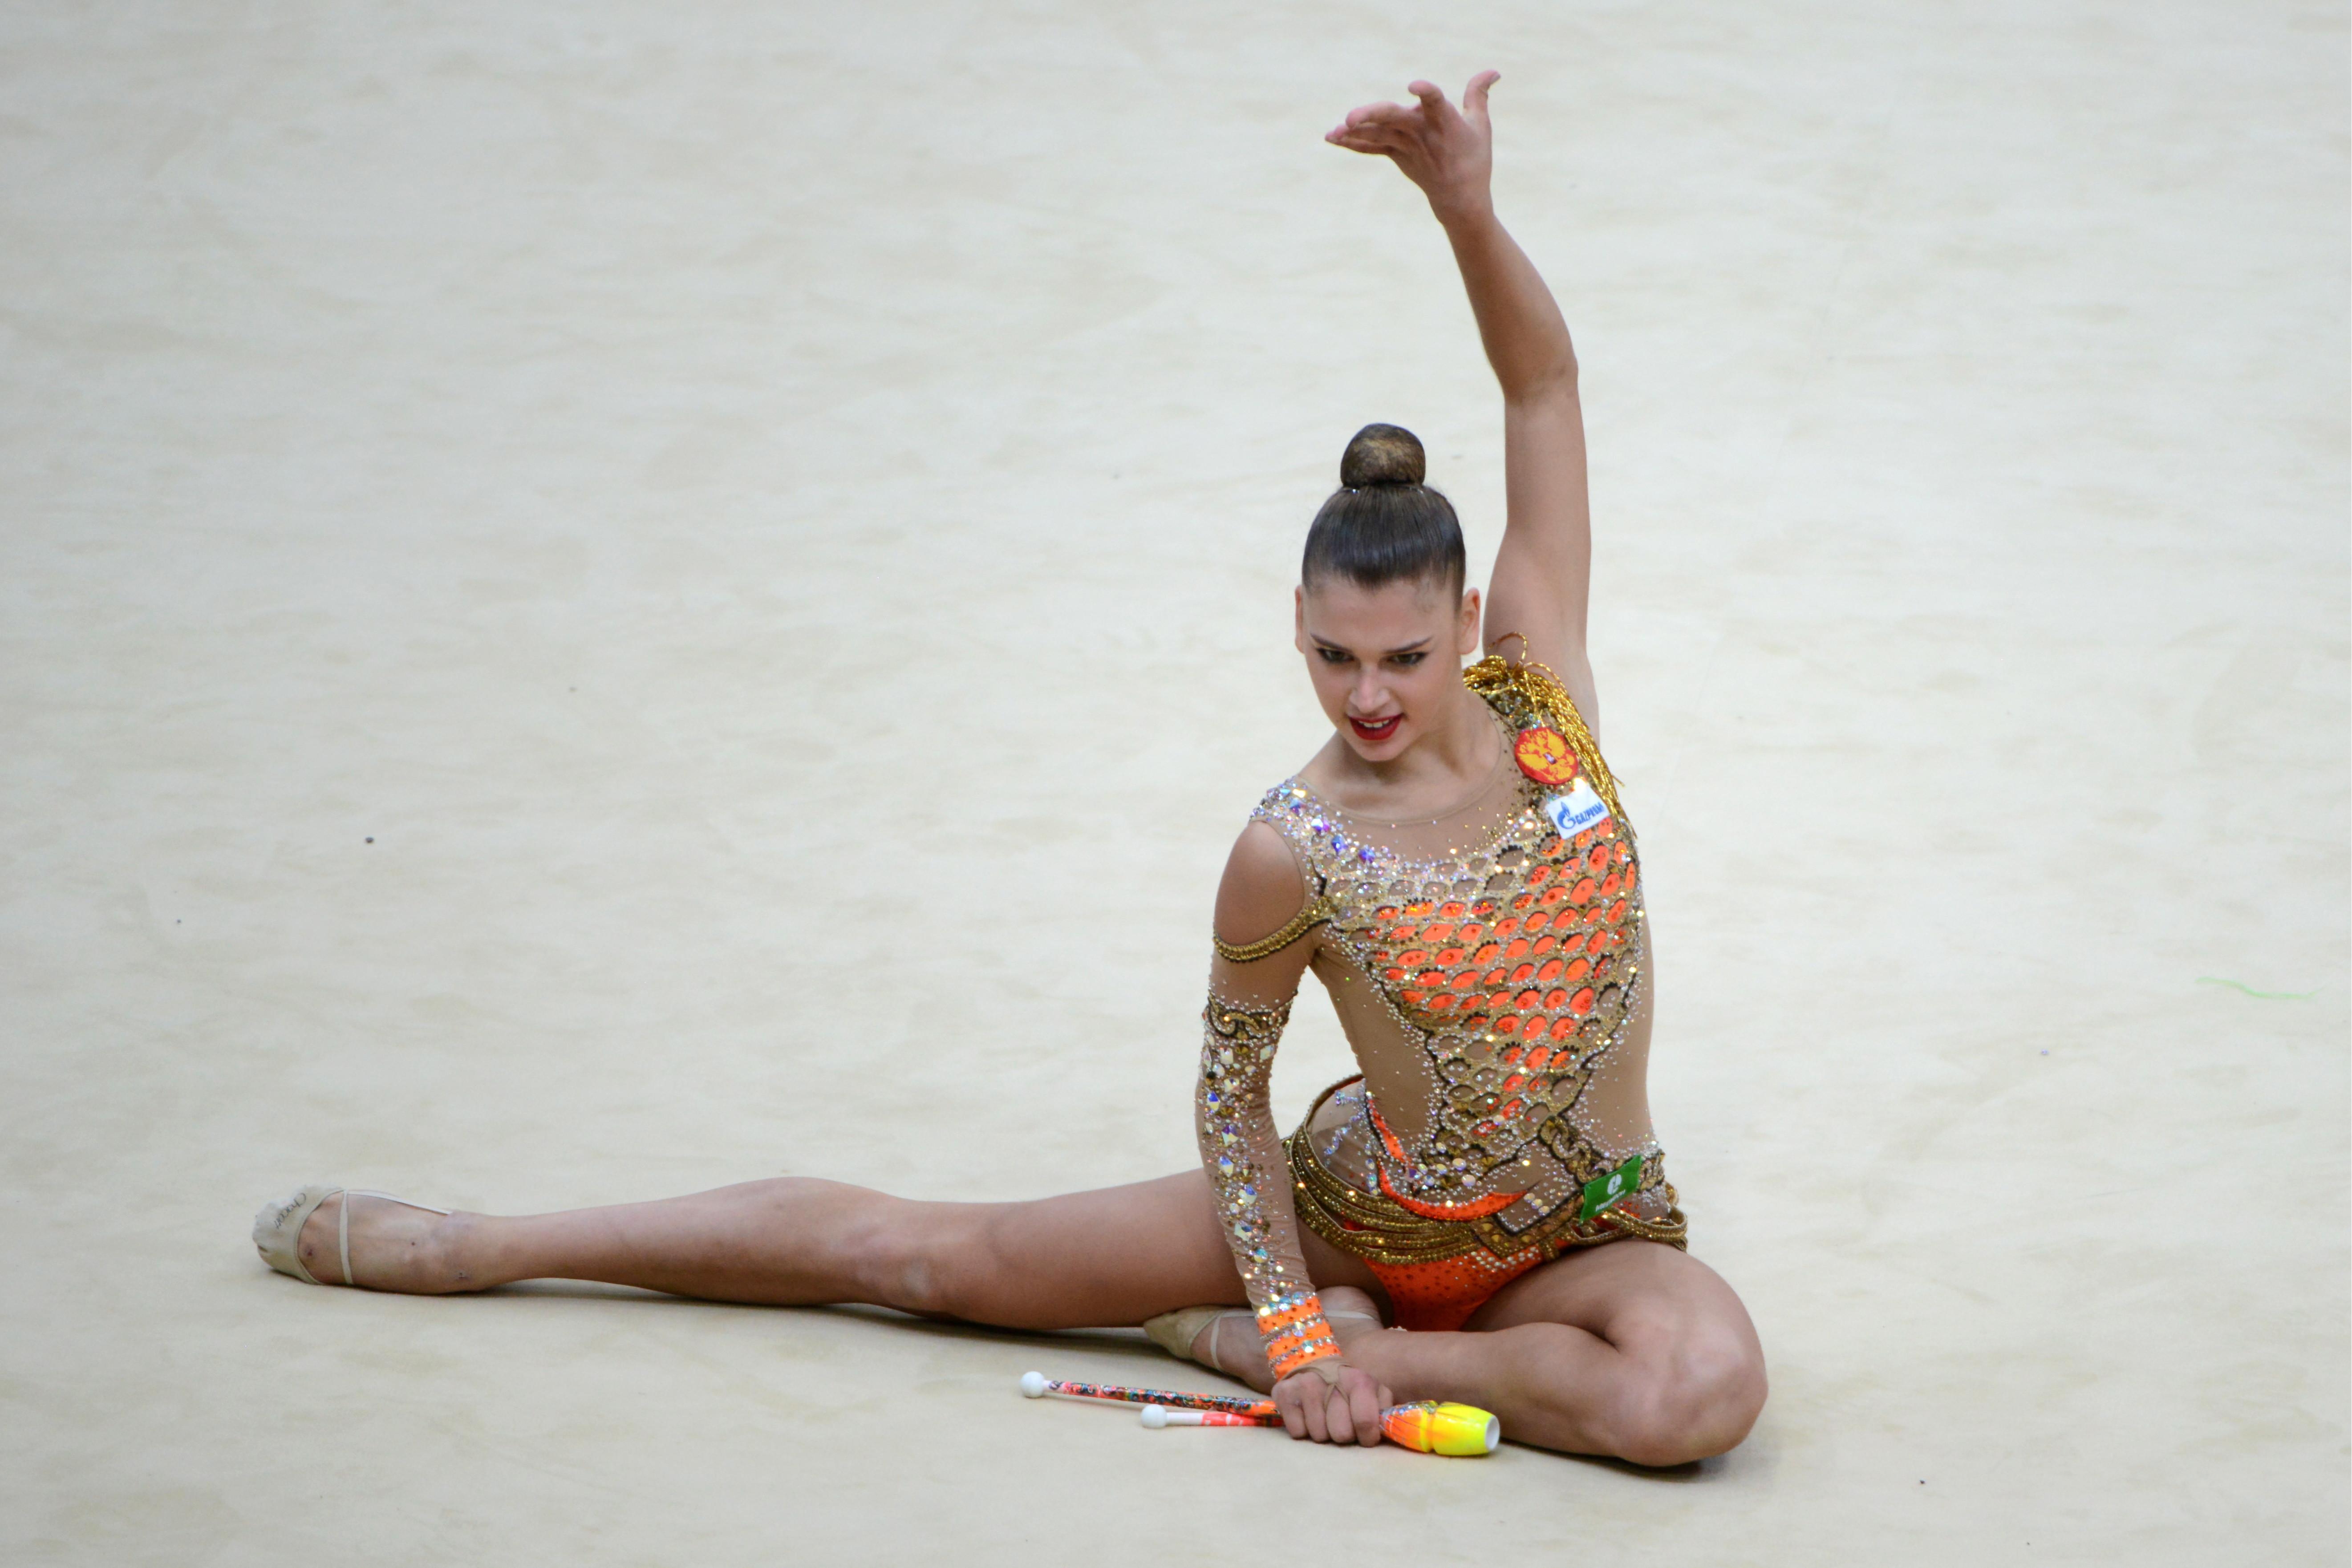 Солдатова одолела вмногоборье наэтапе Кубка мира похудожественной гимнастике